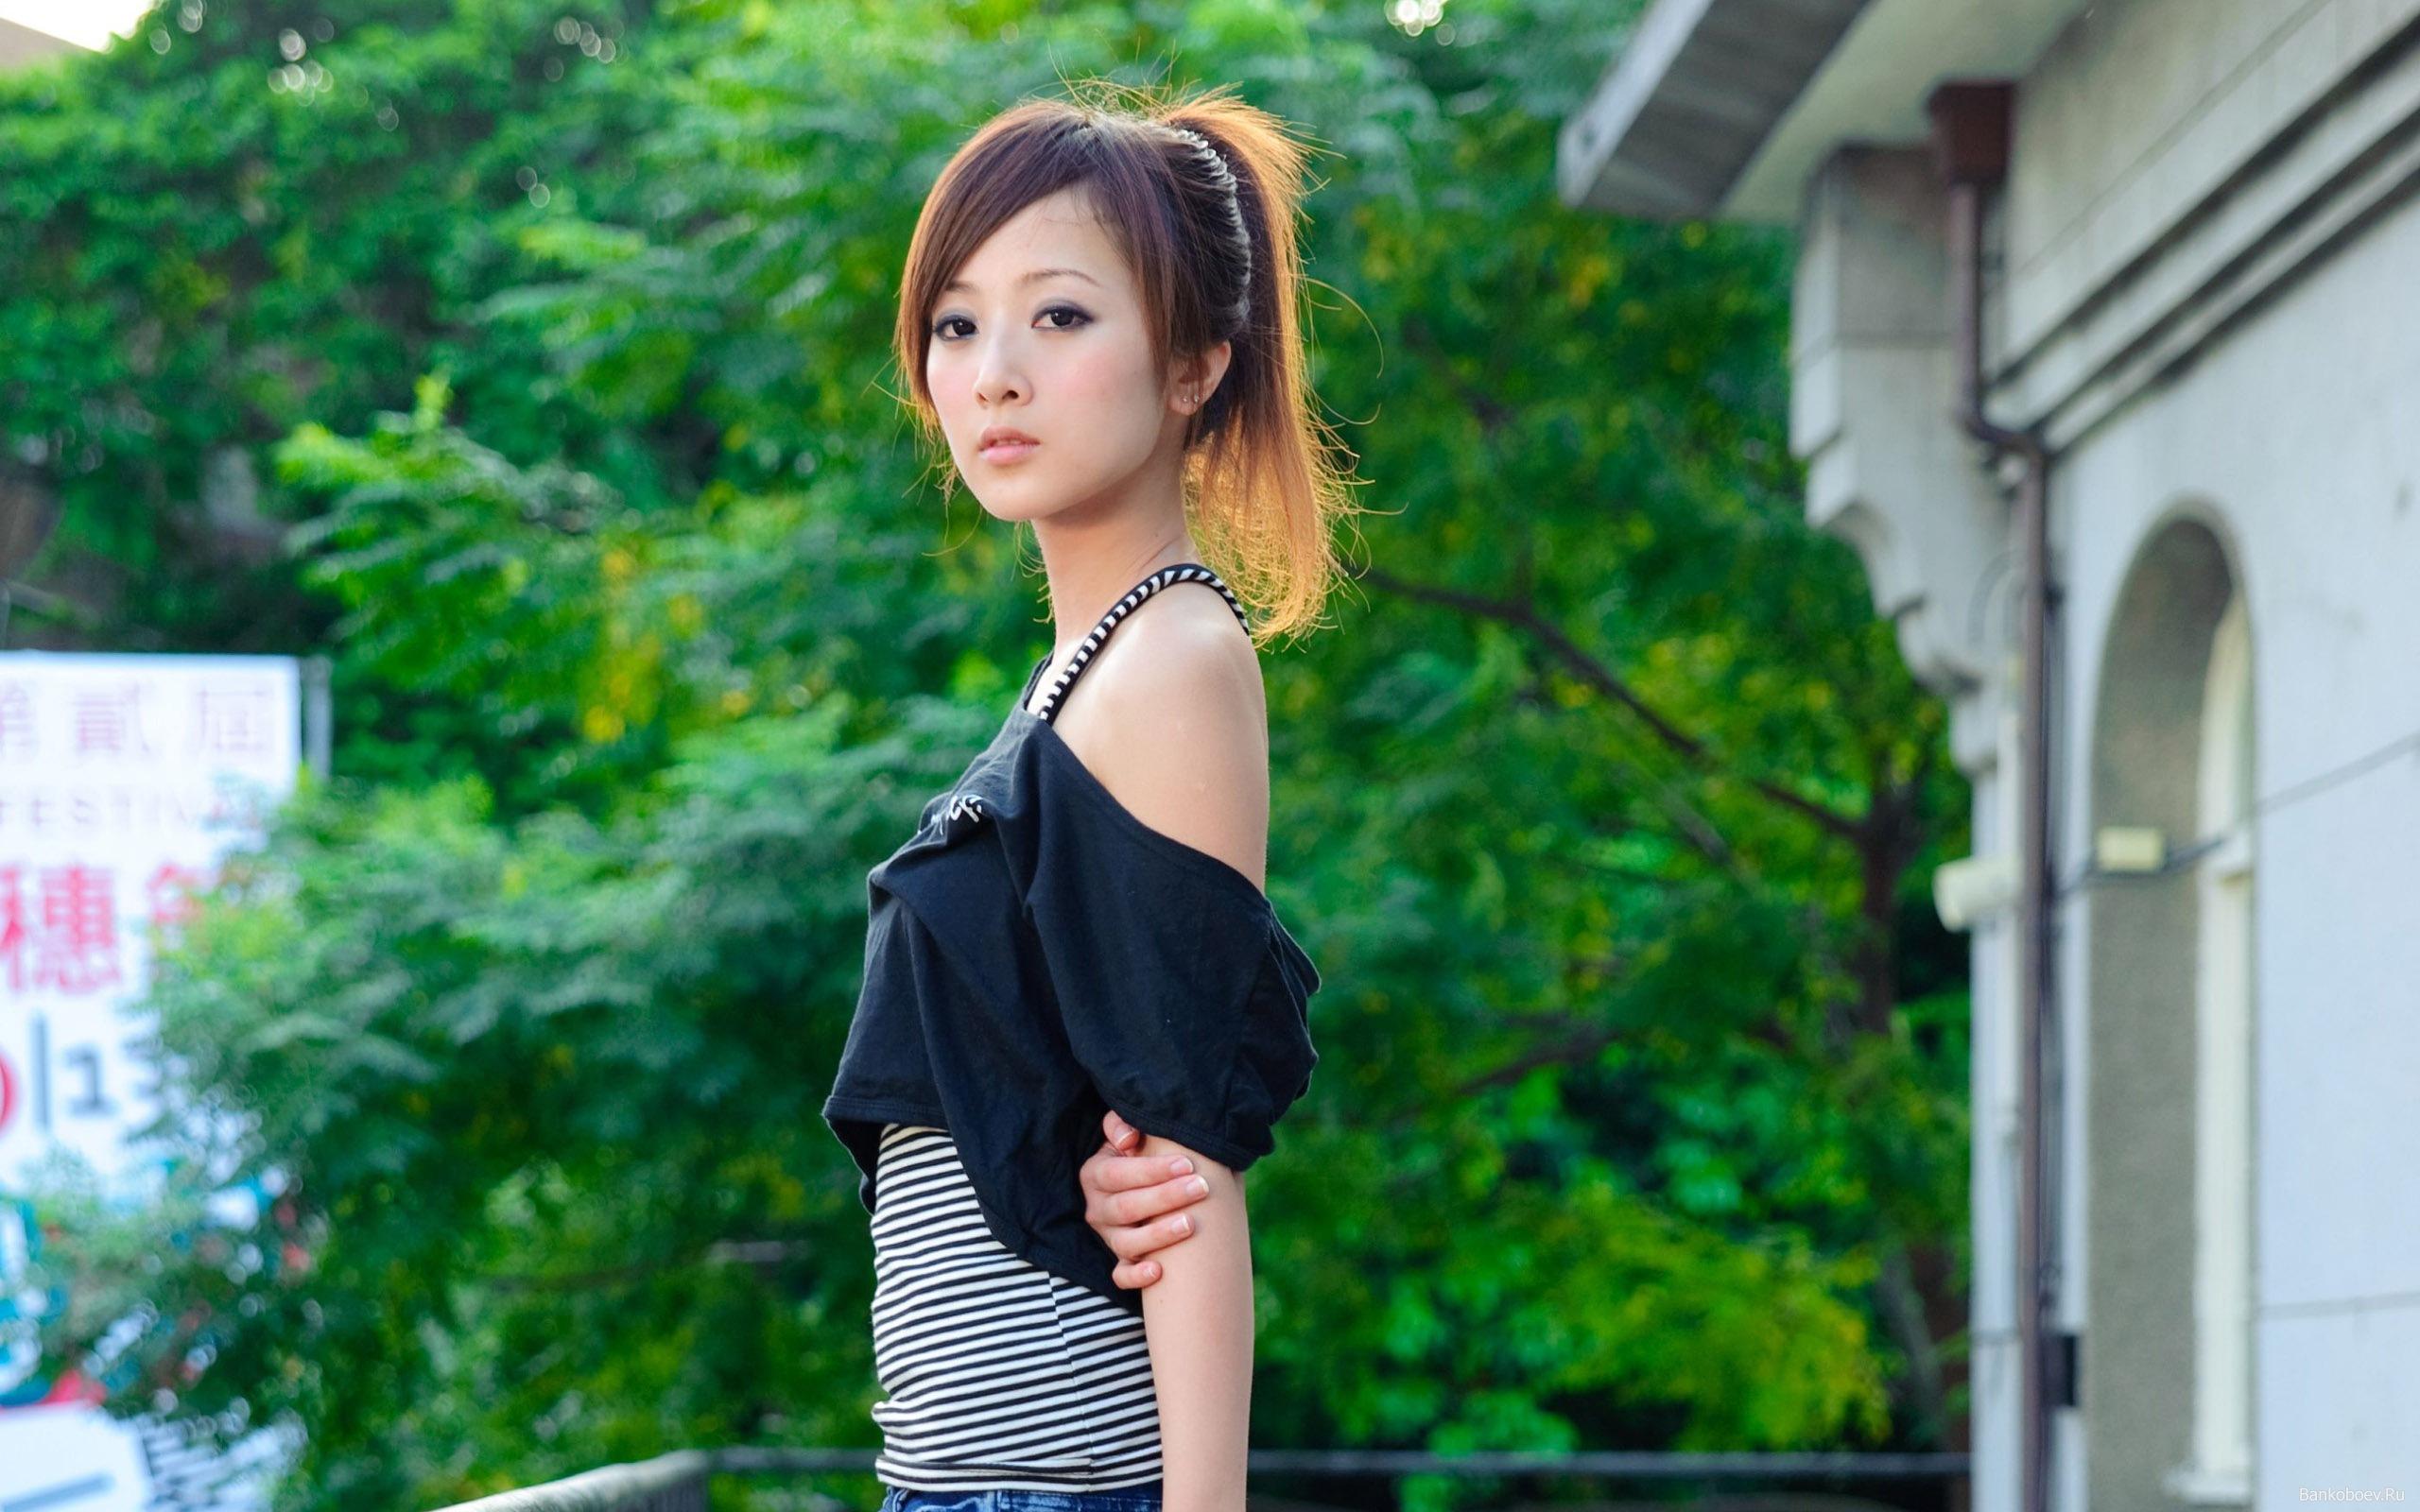 Фотогалерея красивых девушек японии 5 фотография